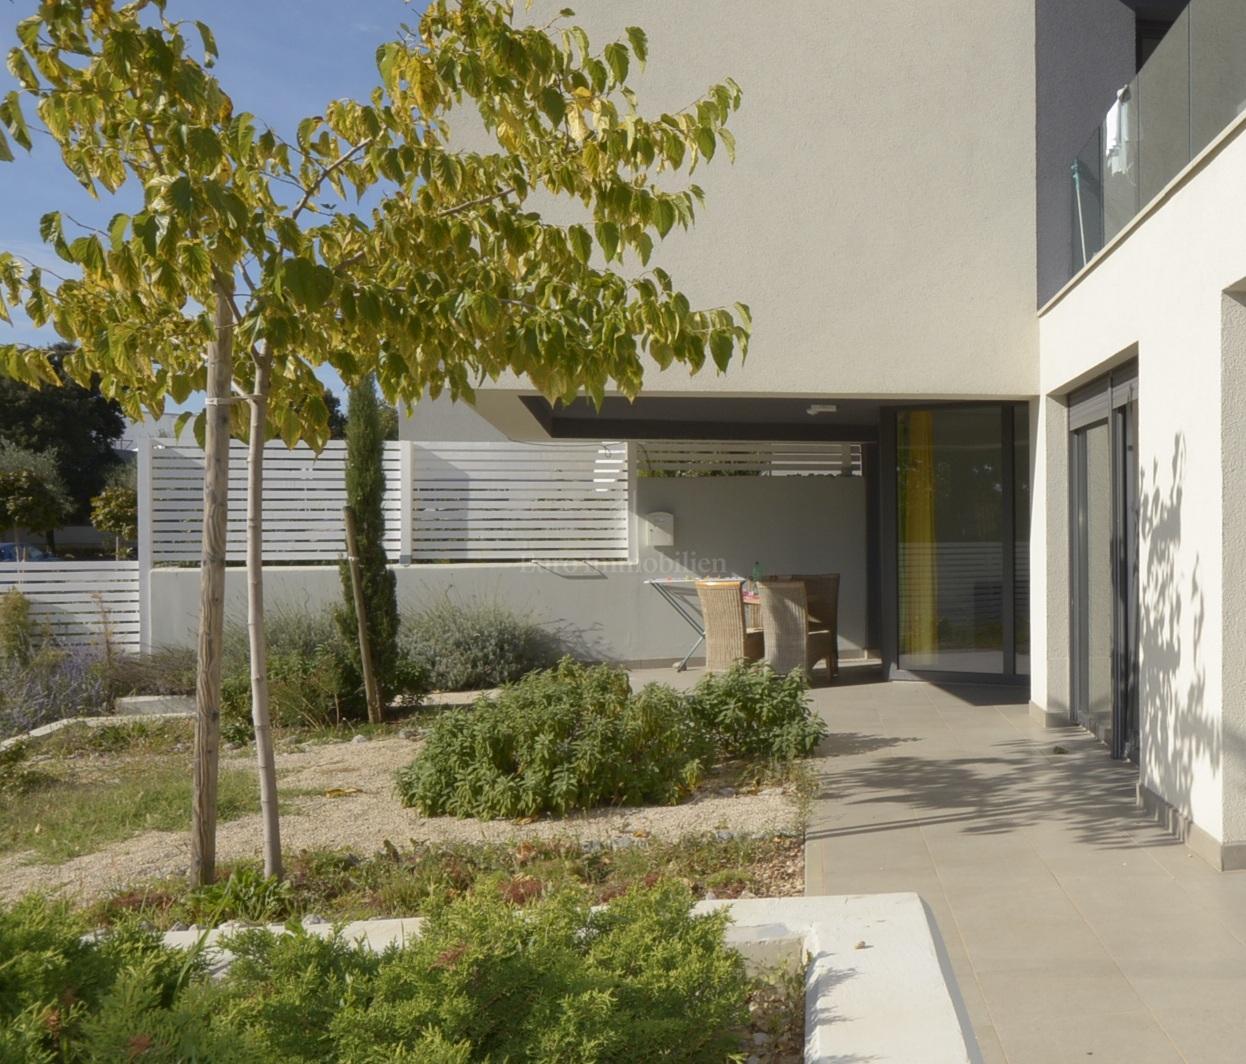 Appartamento Al Piano Terra Con Giardino Vicino Al Centro Appartamento